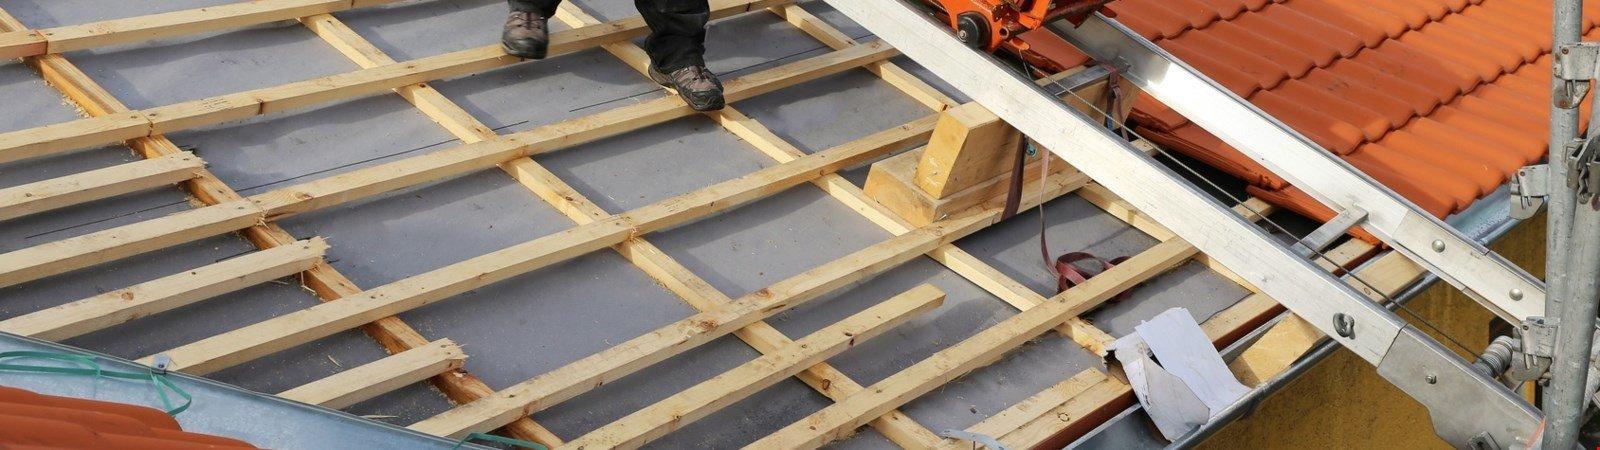 Dachsanierung: Modernisieren und Energiekosten senken